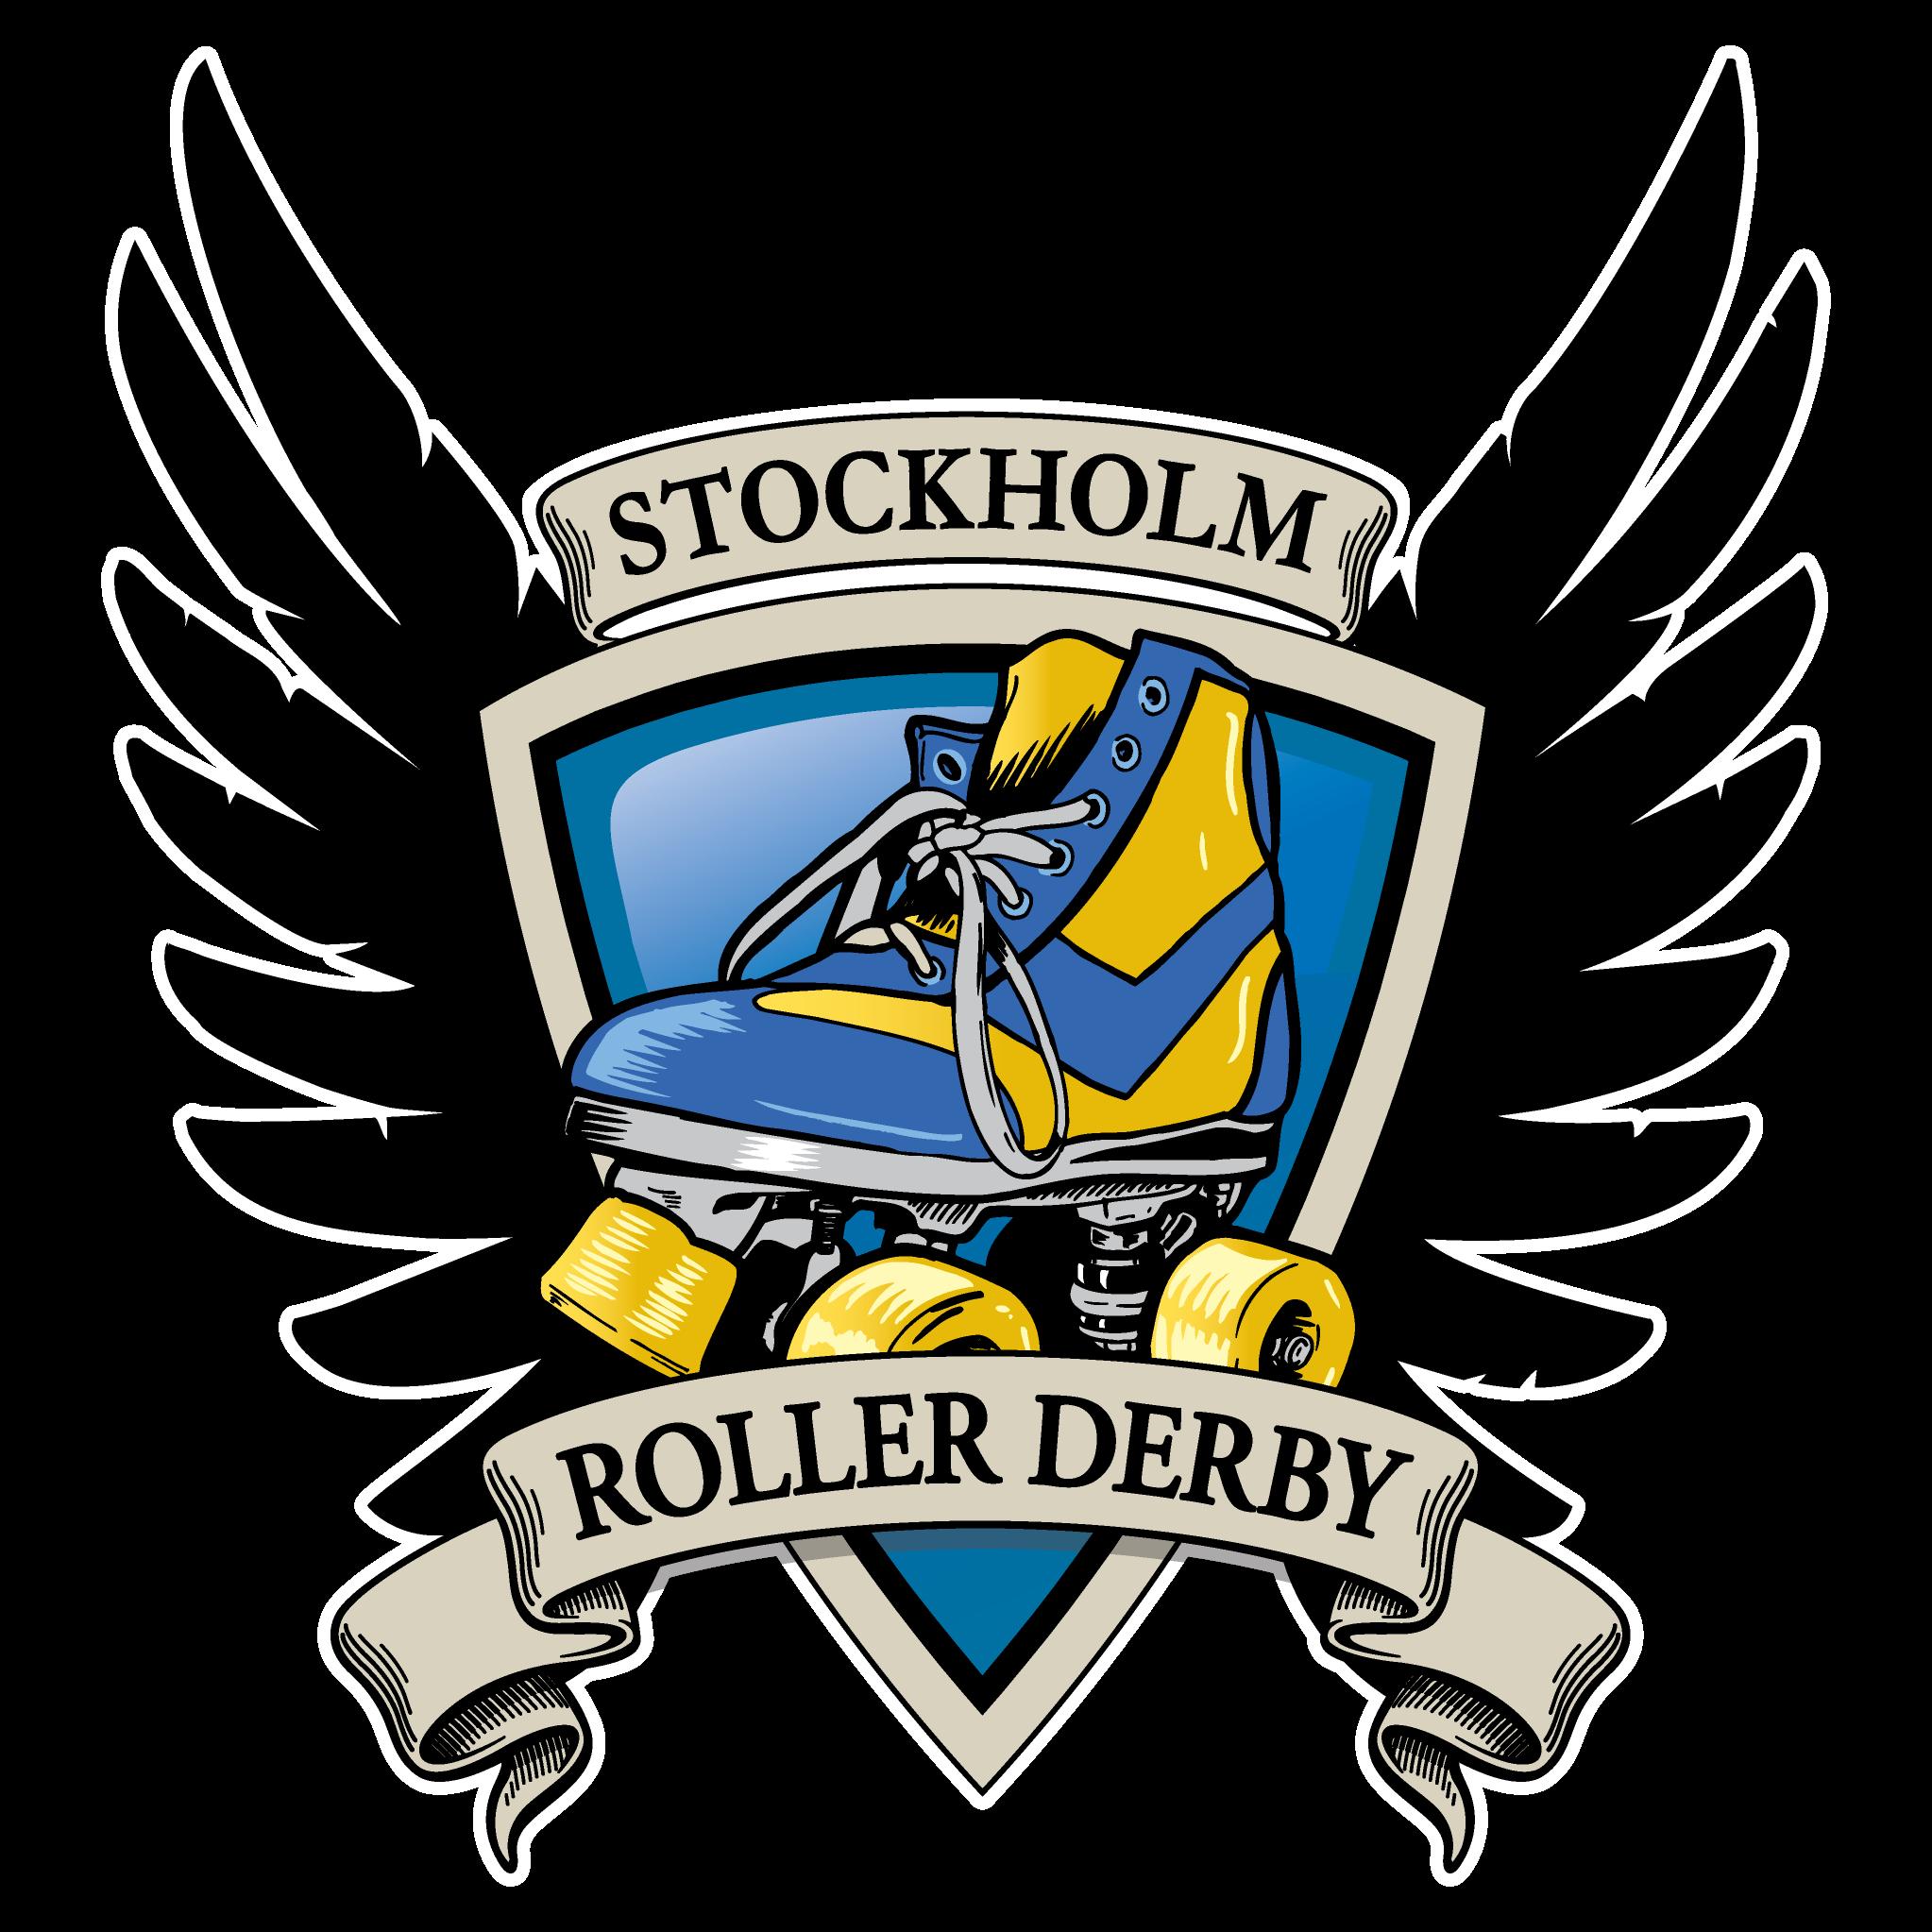 Stockholm Roller Derby